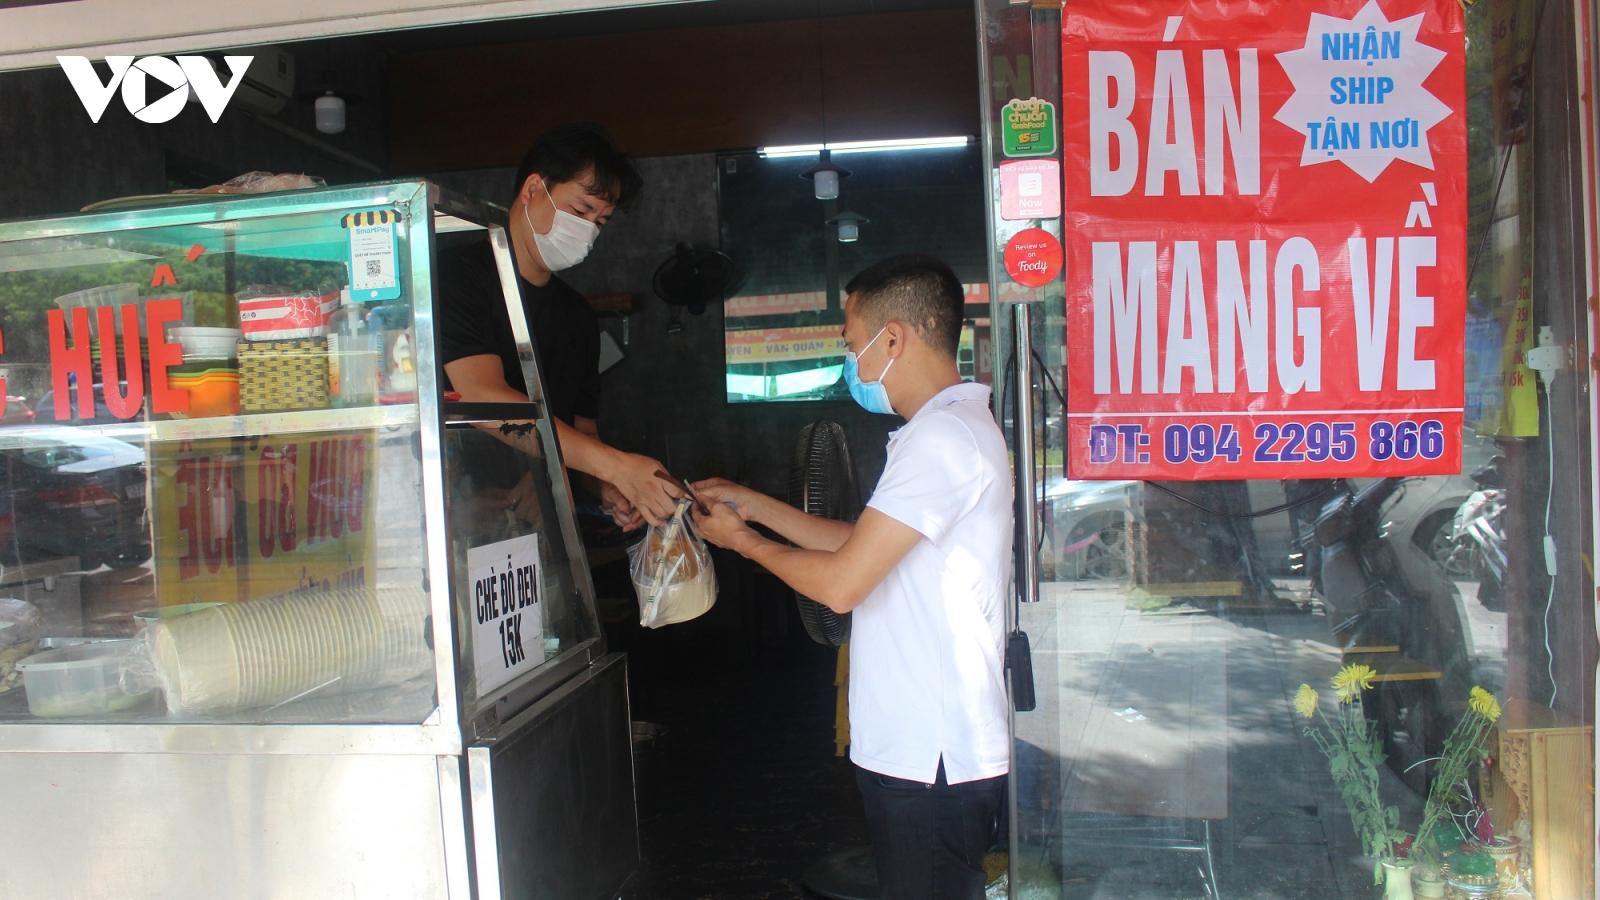 Cơ sở ăn, uống, salon tóc đồng loạt thực hiện Công điện của UBND TP. Hà Nội